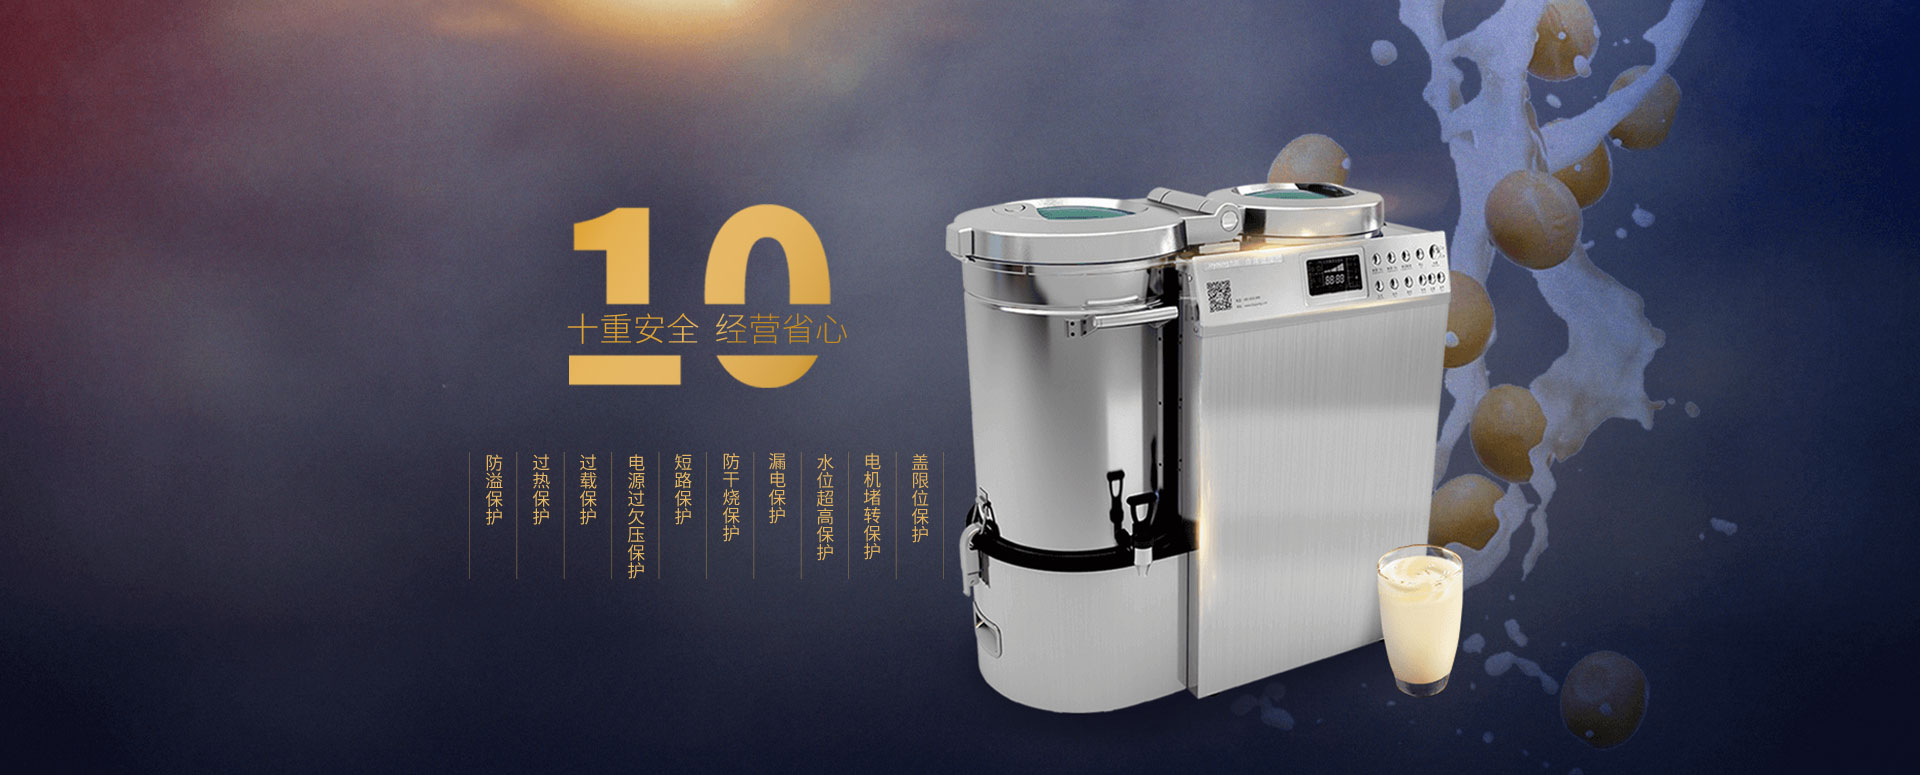 陕西全自动豆浆机